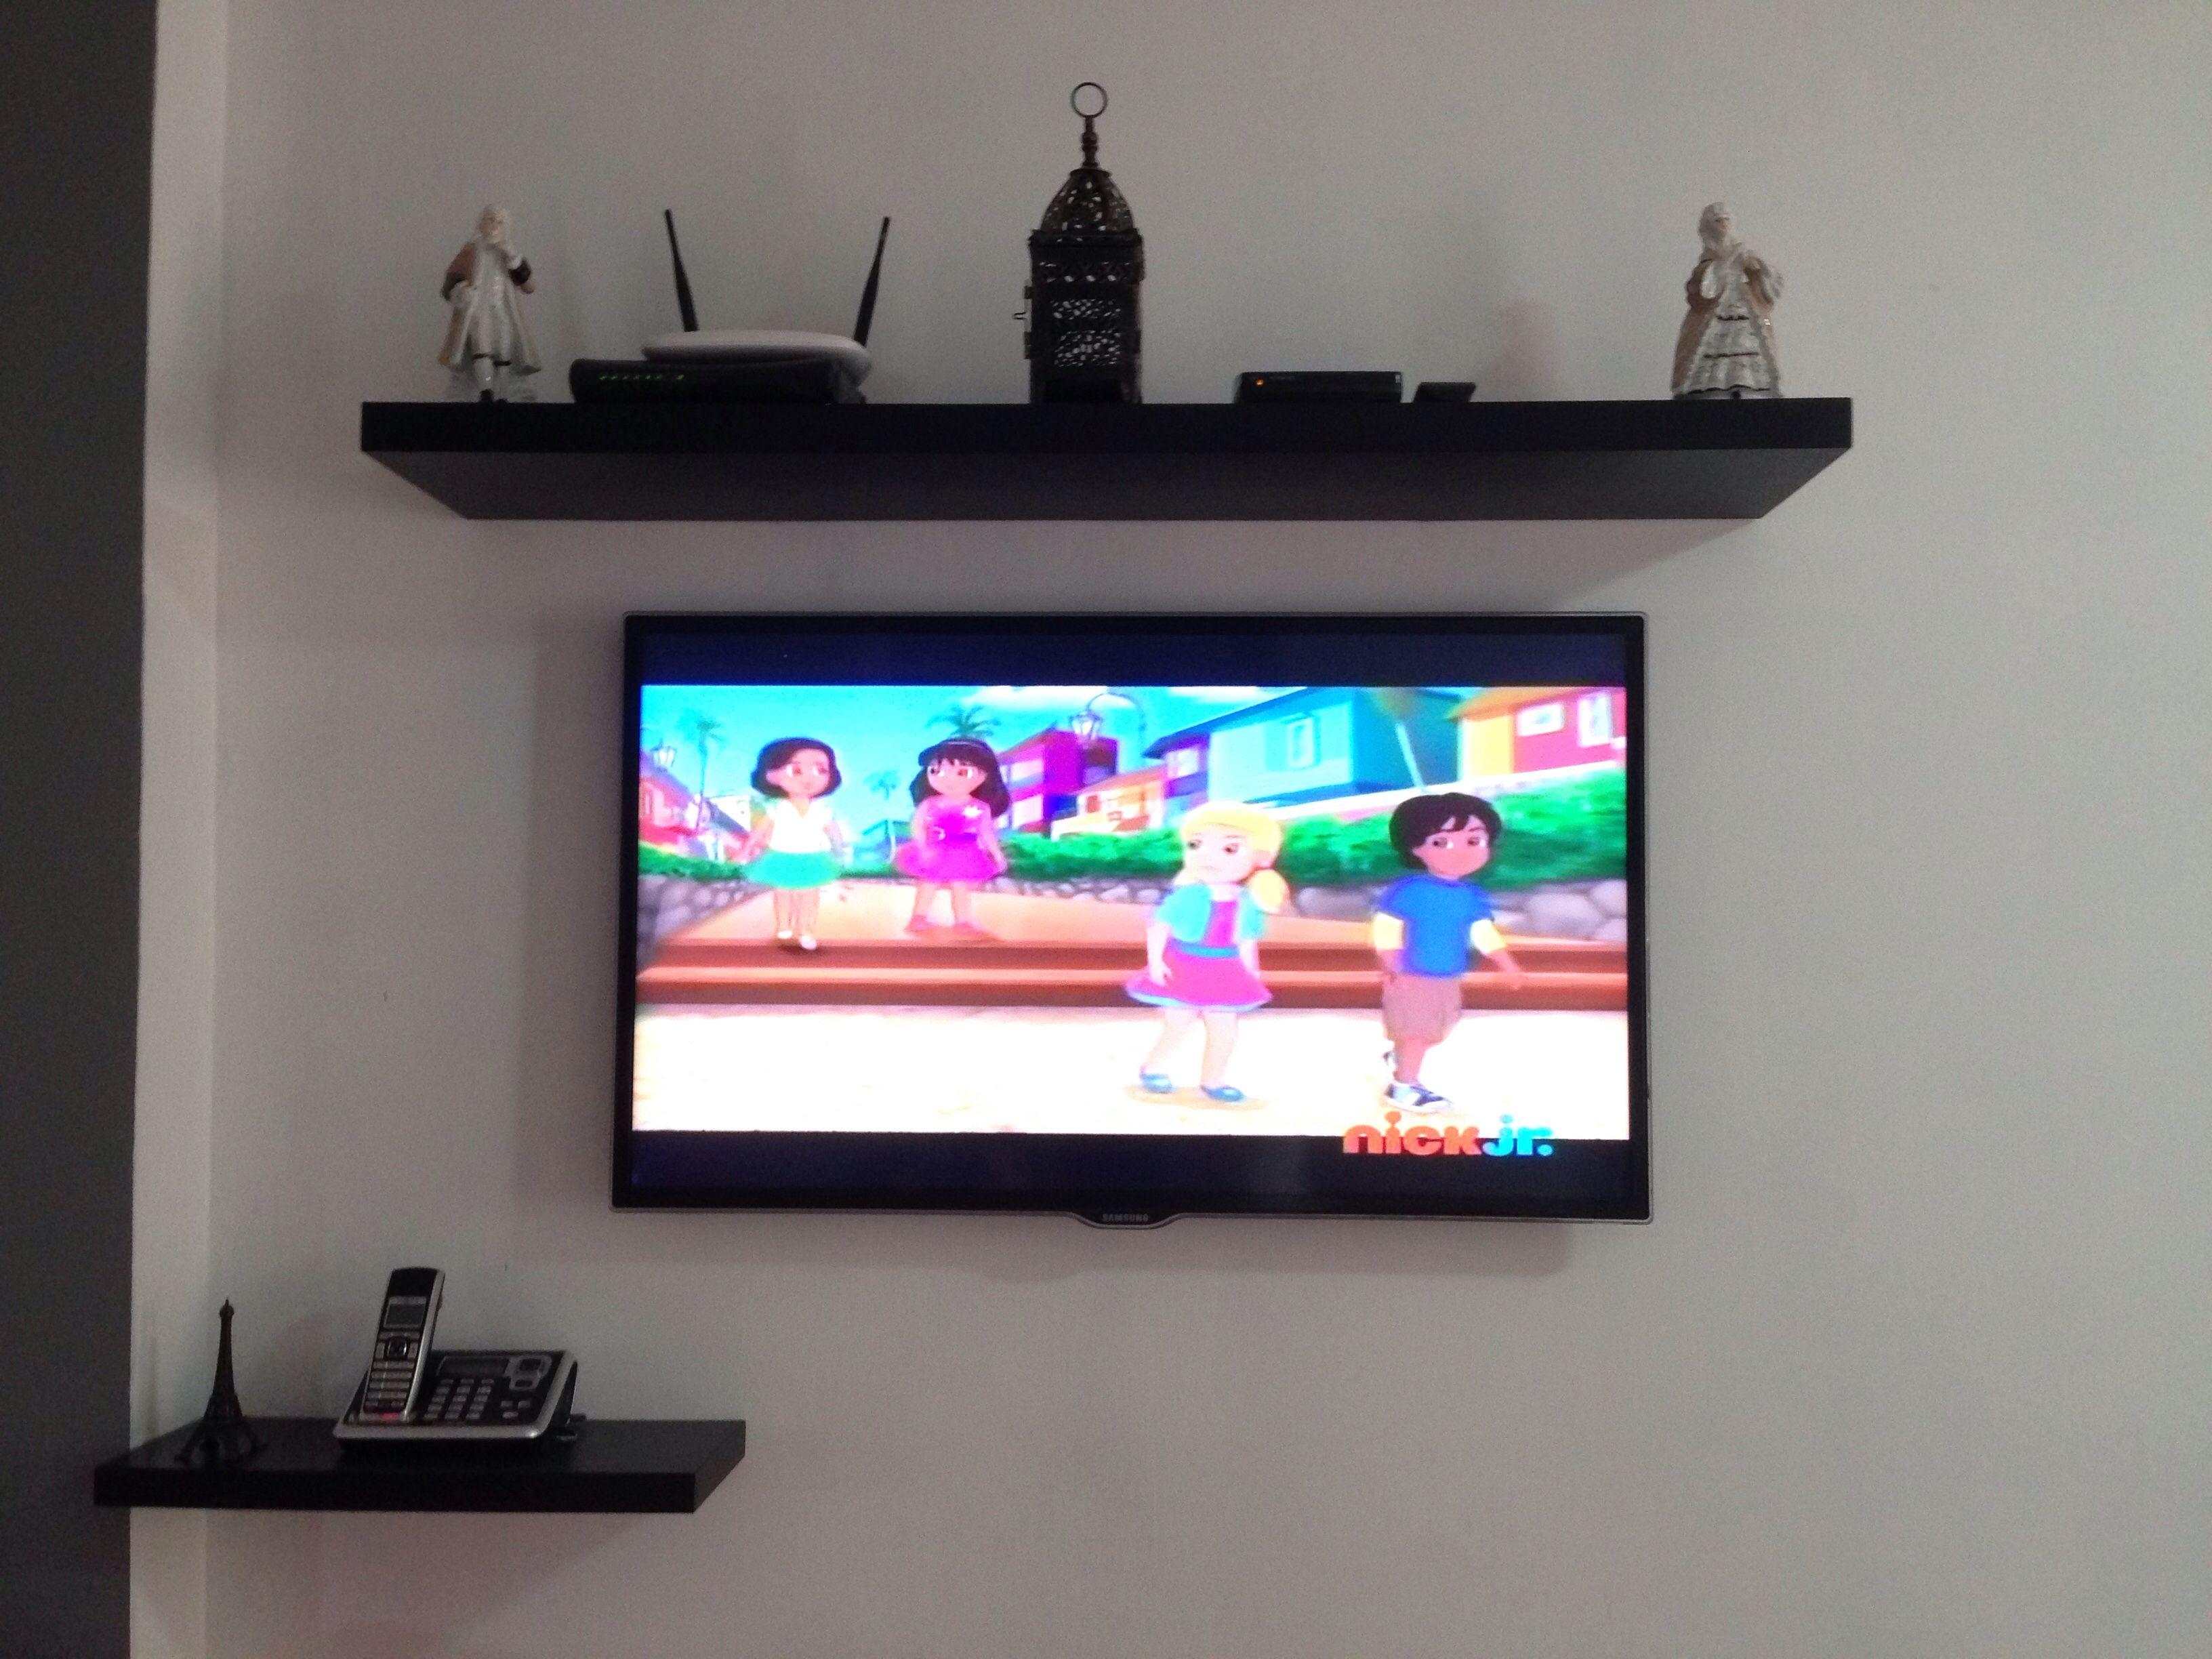 Sistema De Instalacion Cero Cables Win Repisas Flotantes Tv Repisa Flotante Decoracion De Unas Decoracion Hogar